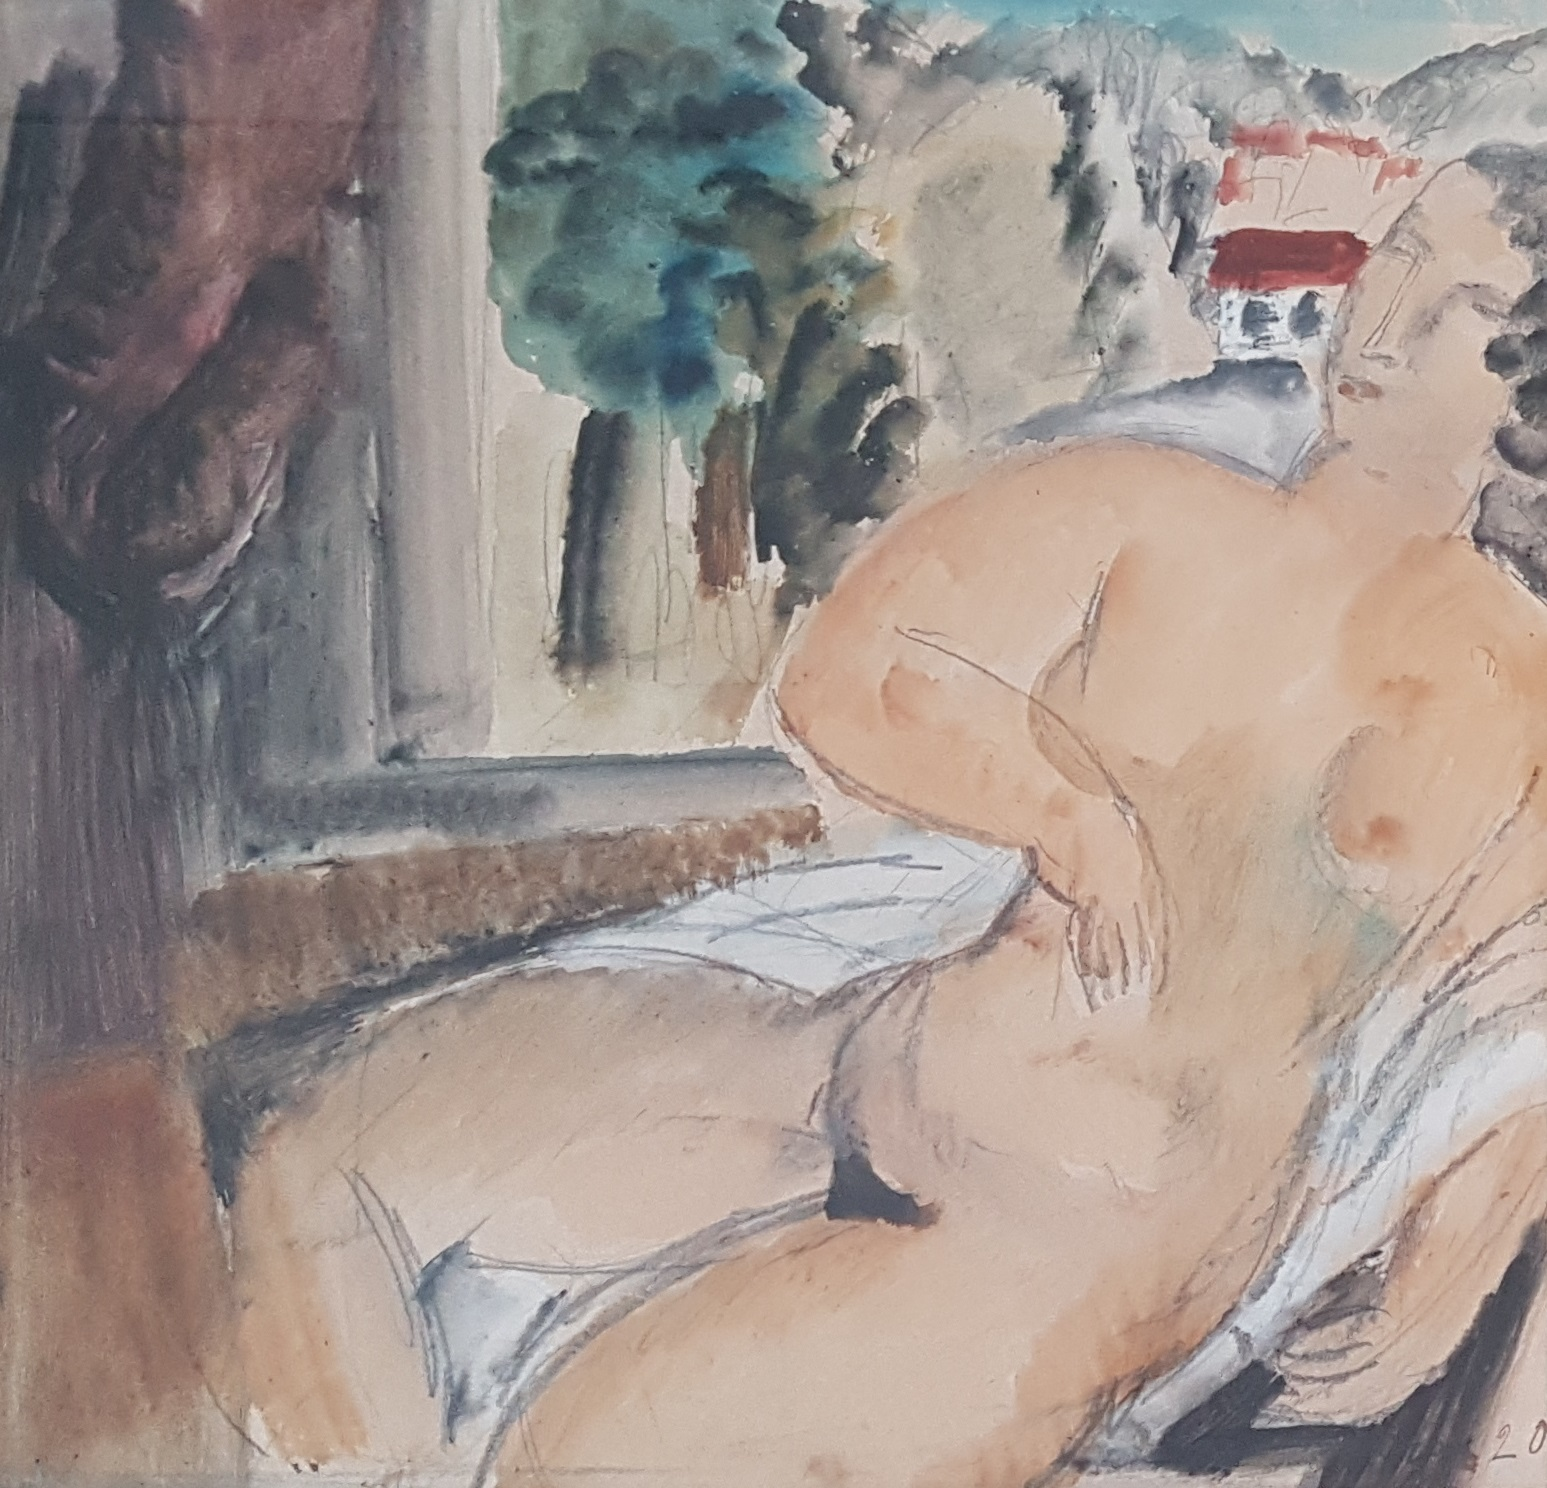 Naakt bij het venster  – Femme nu pres d'une fenetre, 1920.